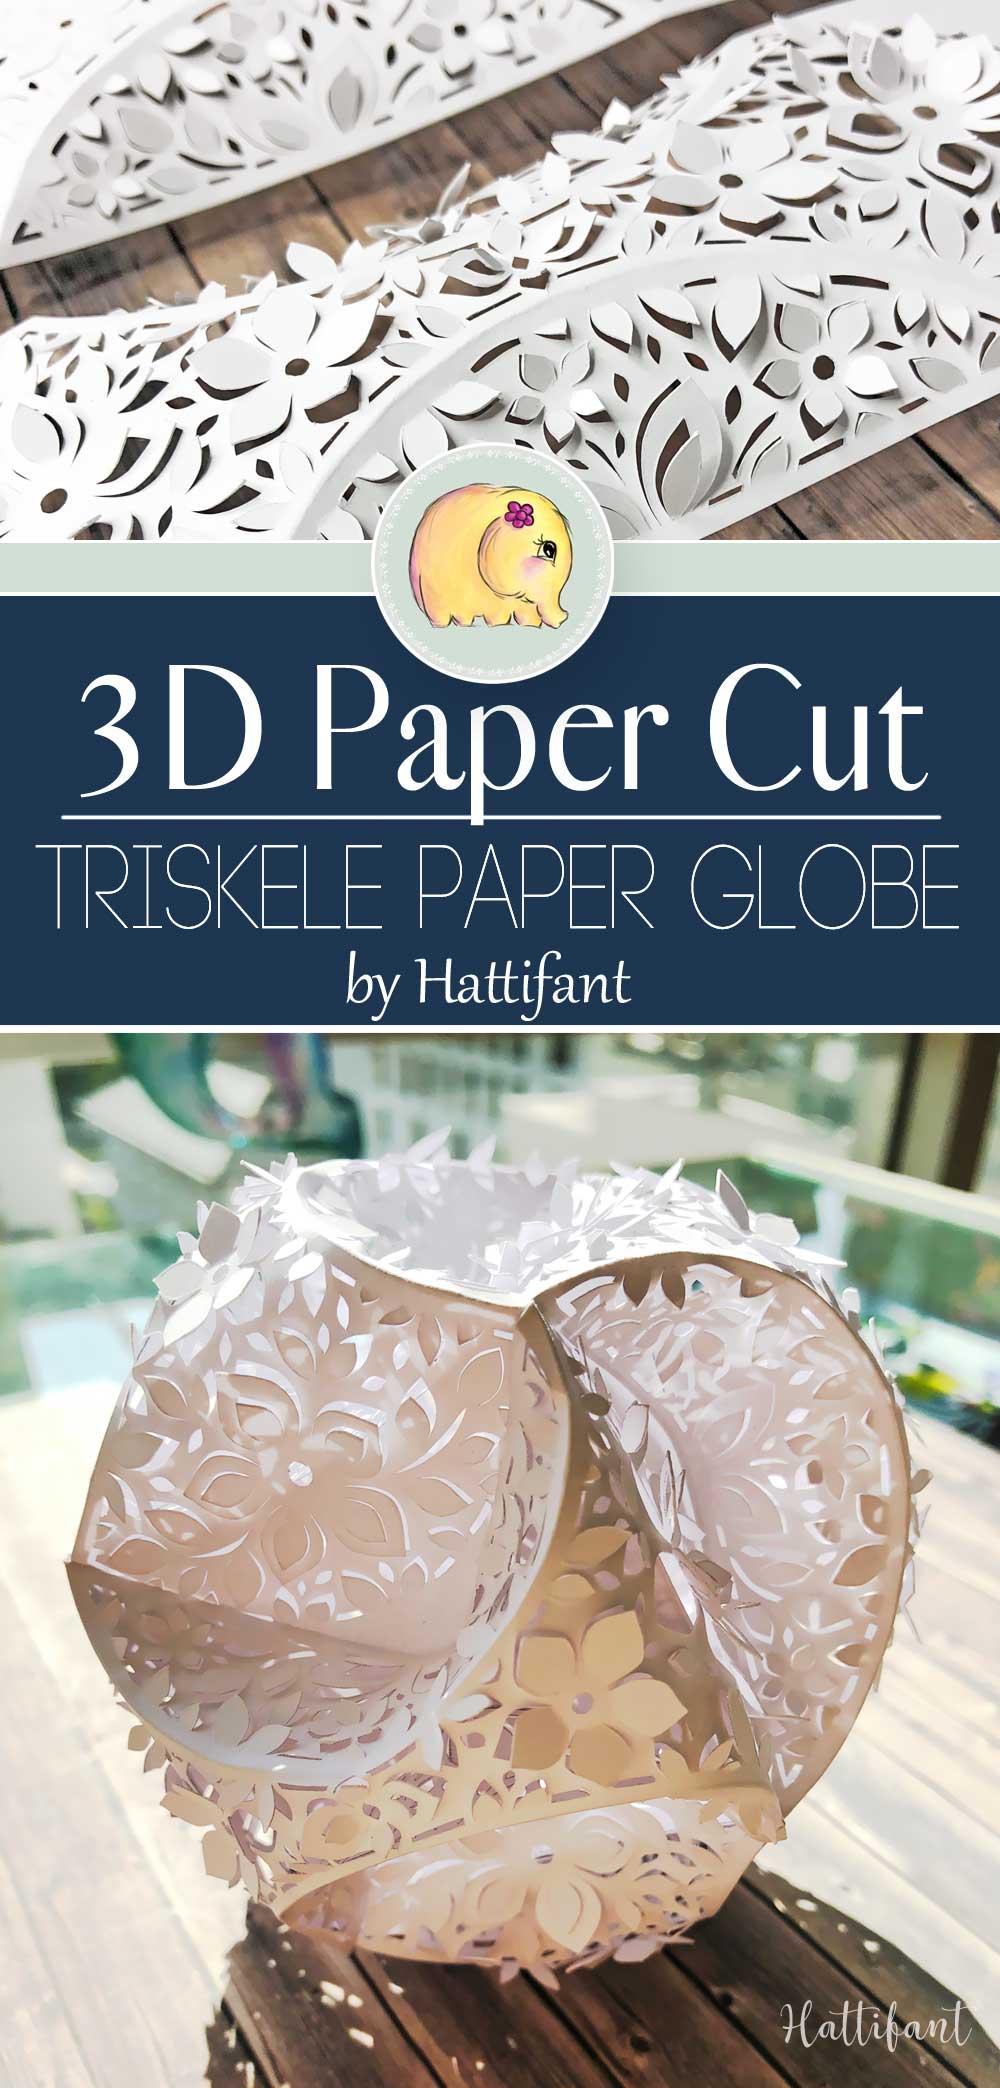 Hattifant's 3D Papercut Paper Cut 3D Flower Triskele Paper Globe Pin 1